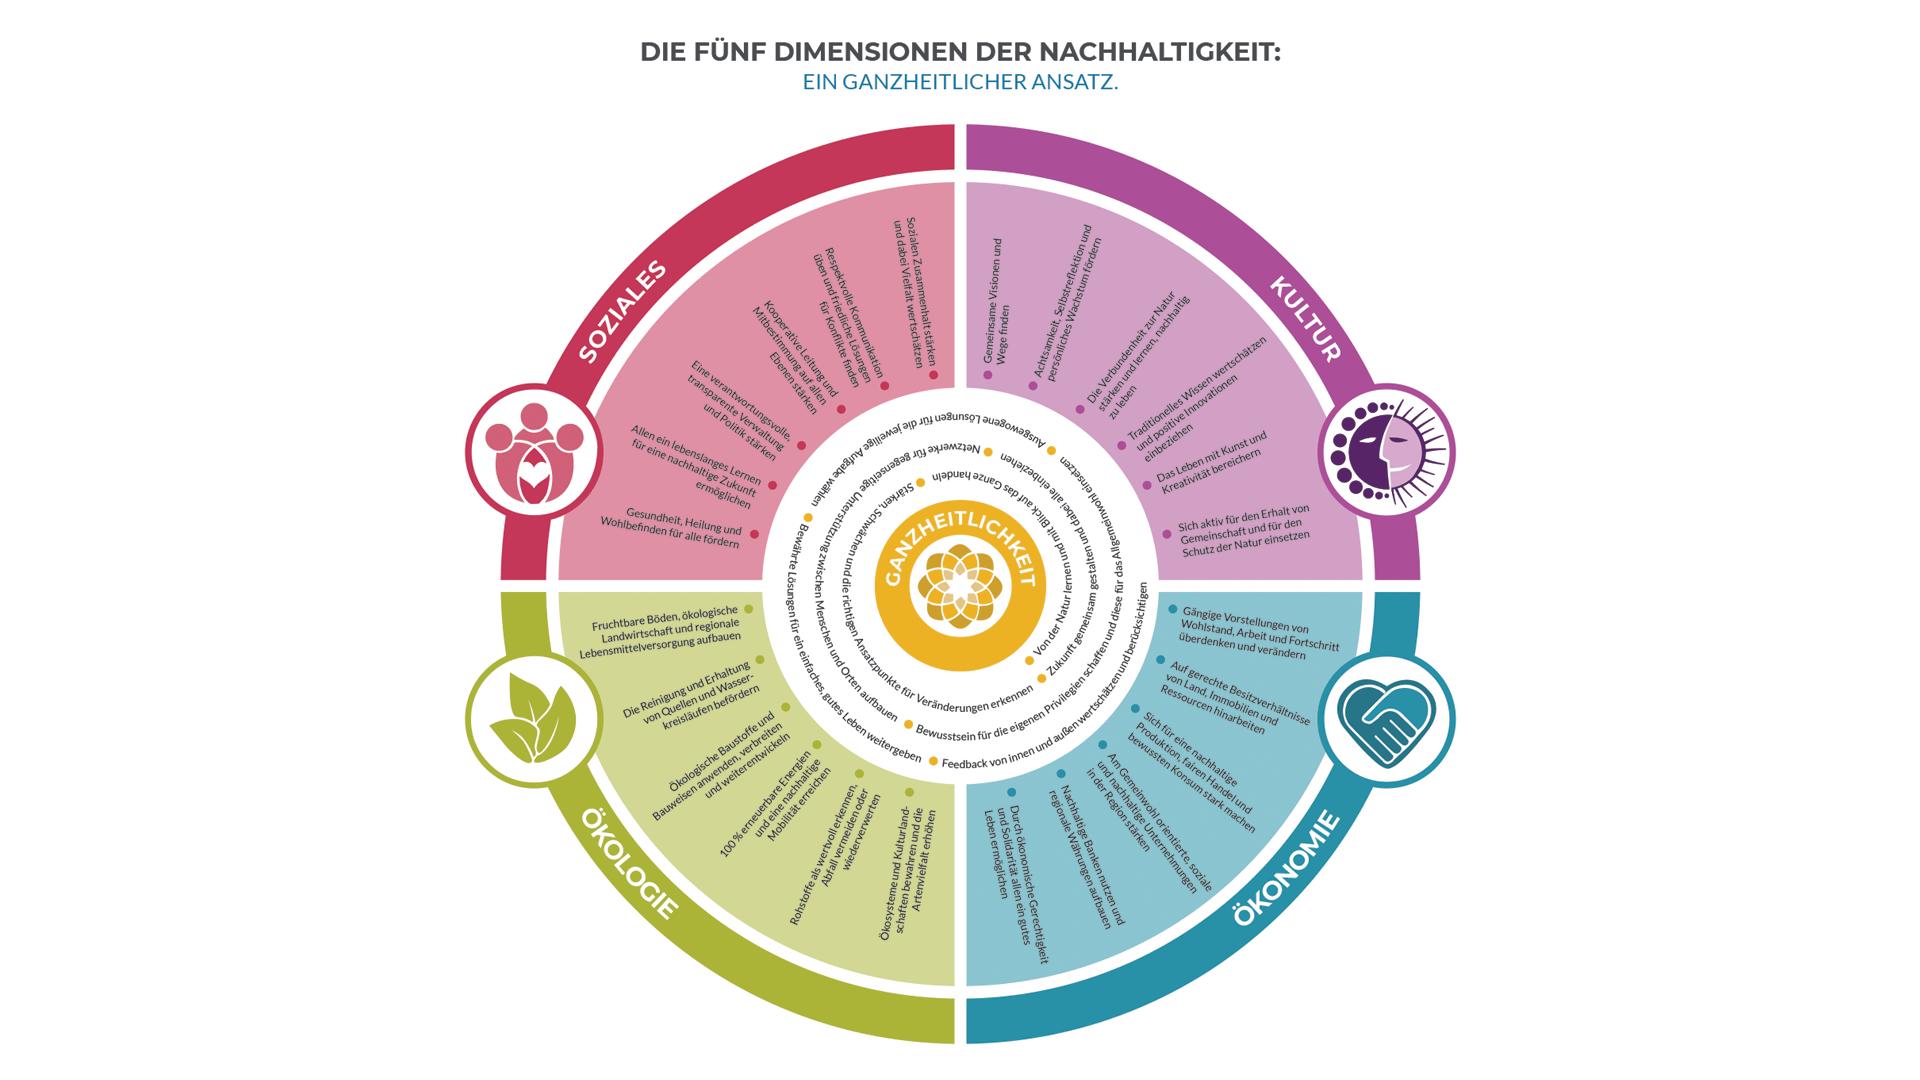 Die fünf Dimensionen der Nachhaltigkeit – Grafik von GEN Deutschland